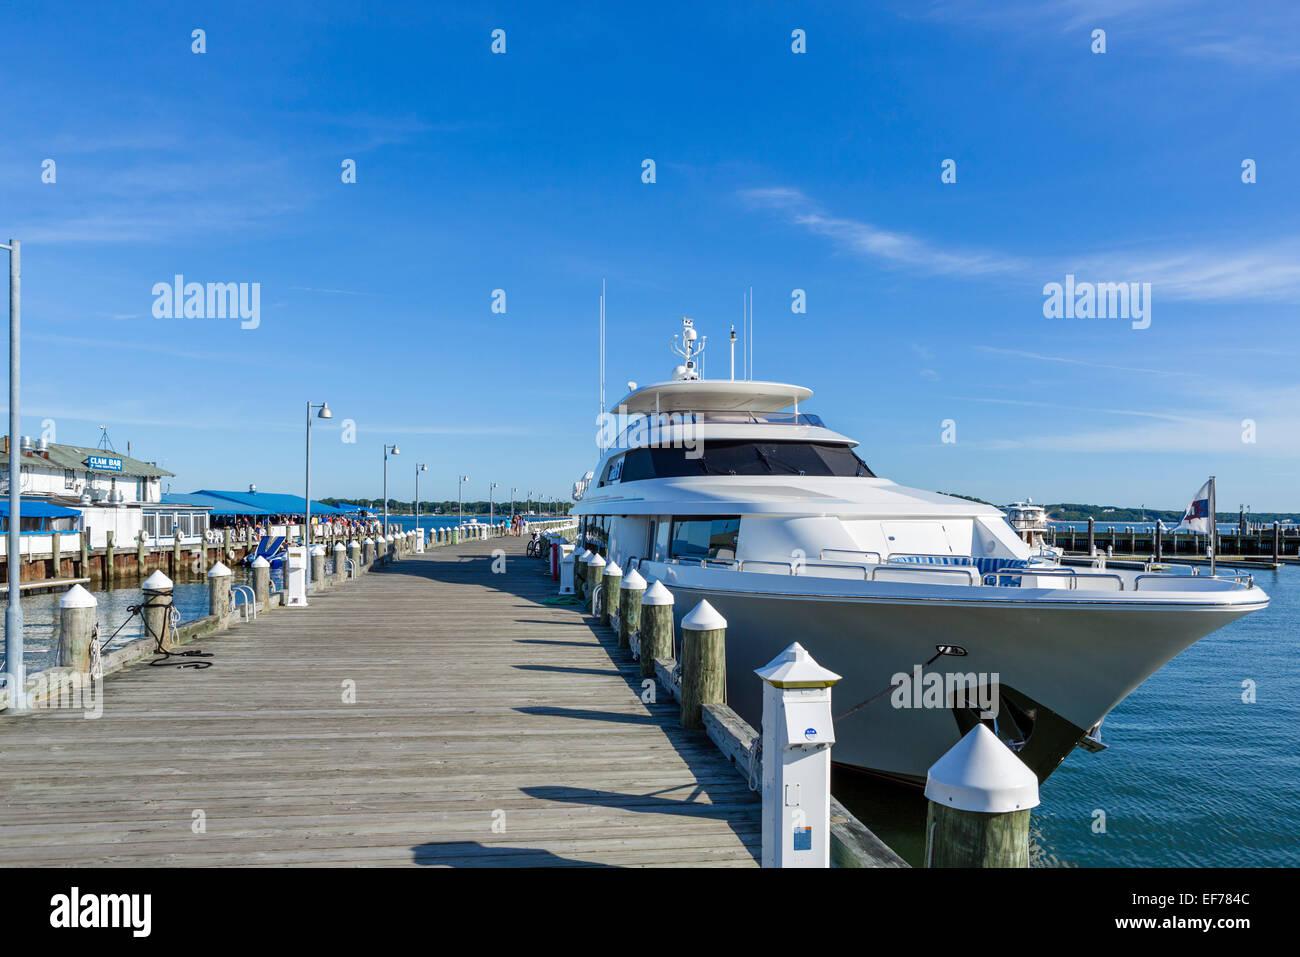 Yacht di lusso inserito nel villaggio di Greenport, contea di Suffolk, Long Island, NY, STATI UNITI D'AMERICA Immagini Stock